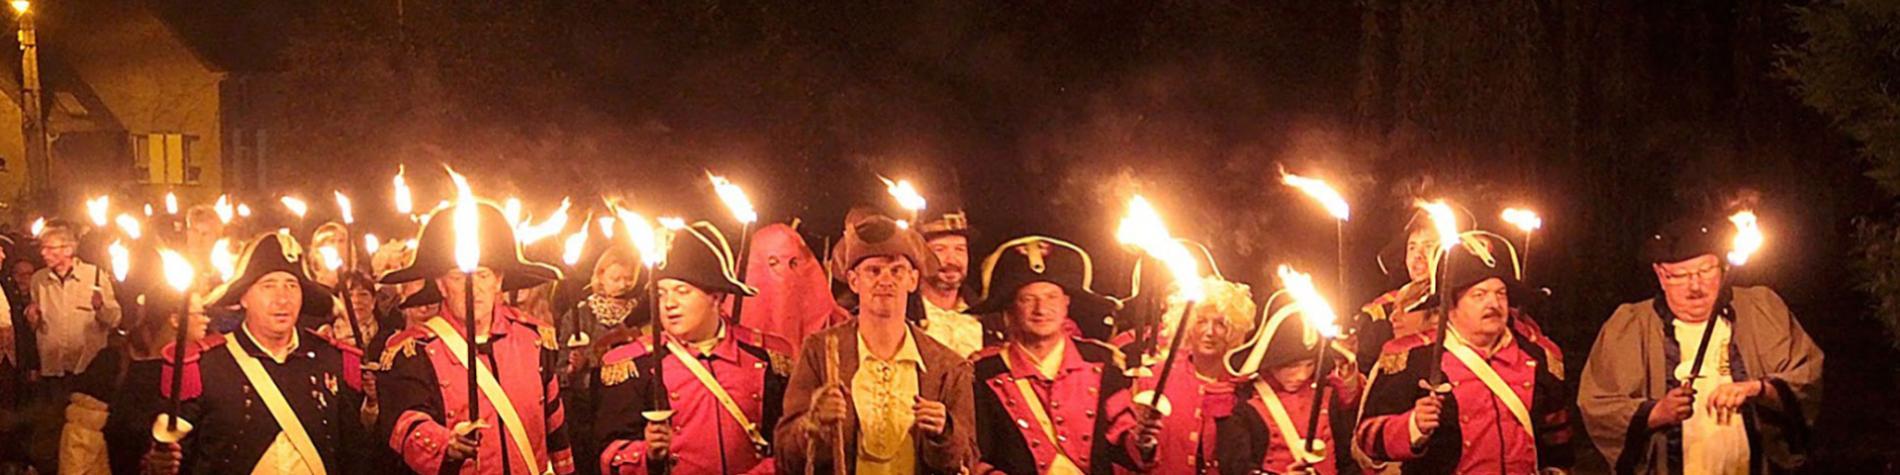 La Fête à Béria - Folklore - traditions - Quevy-le-Petit